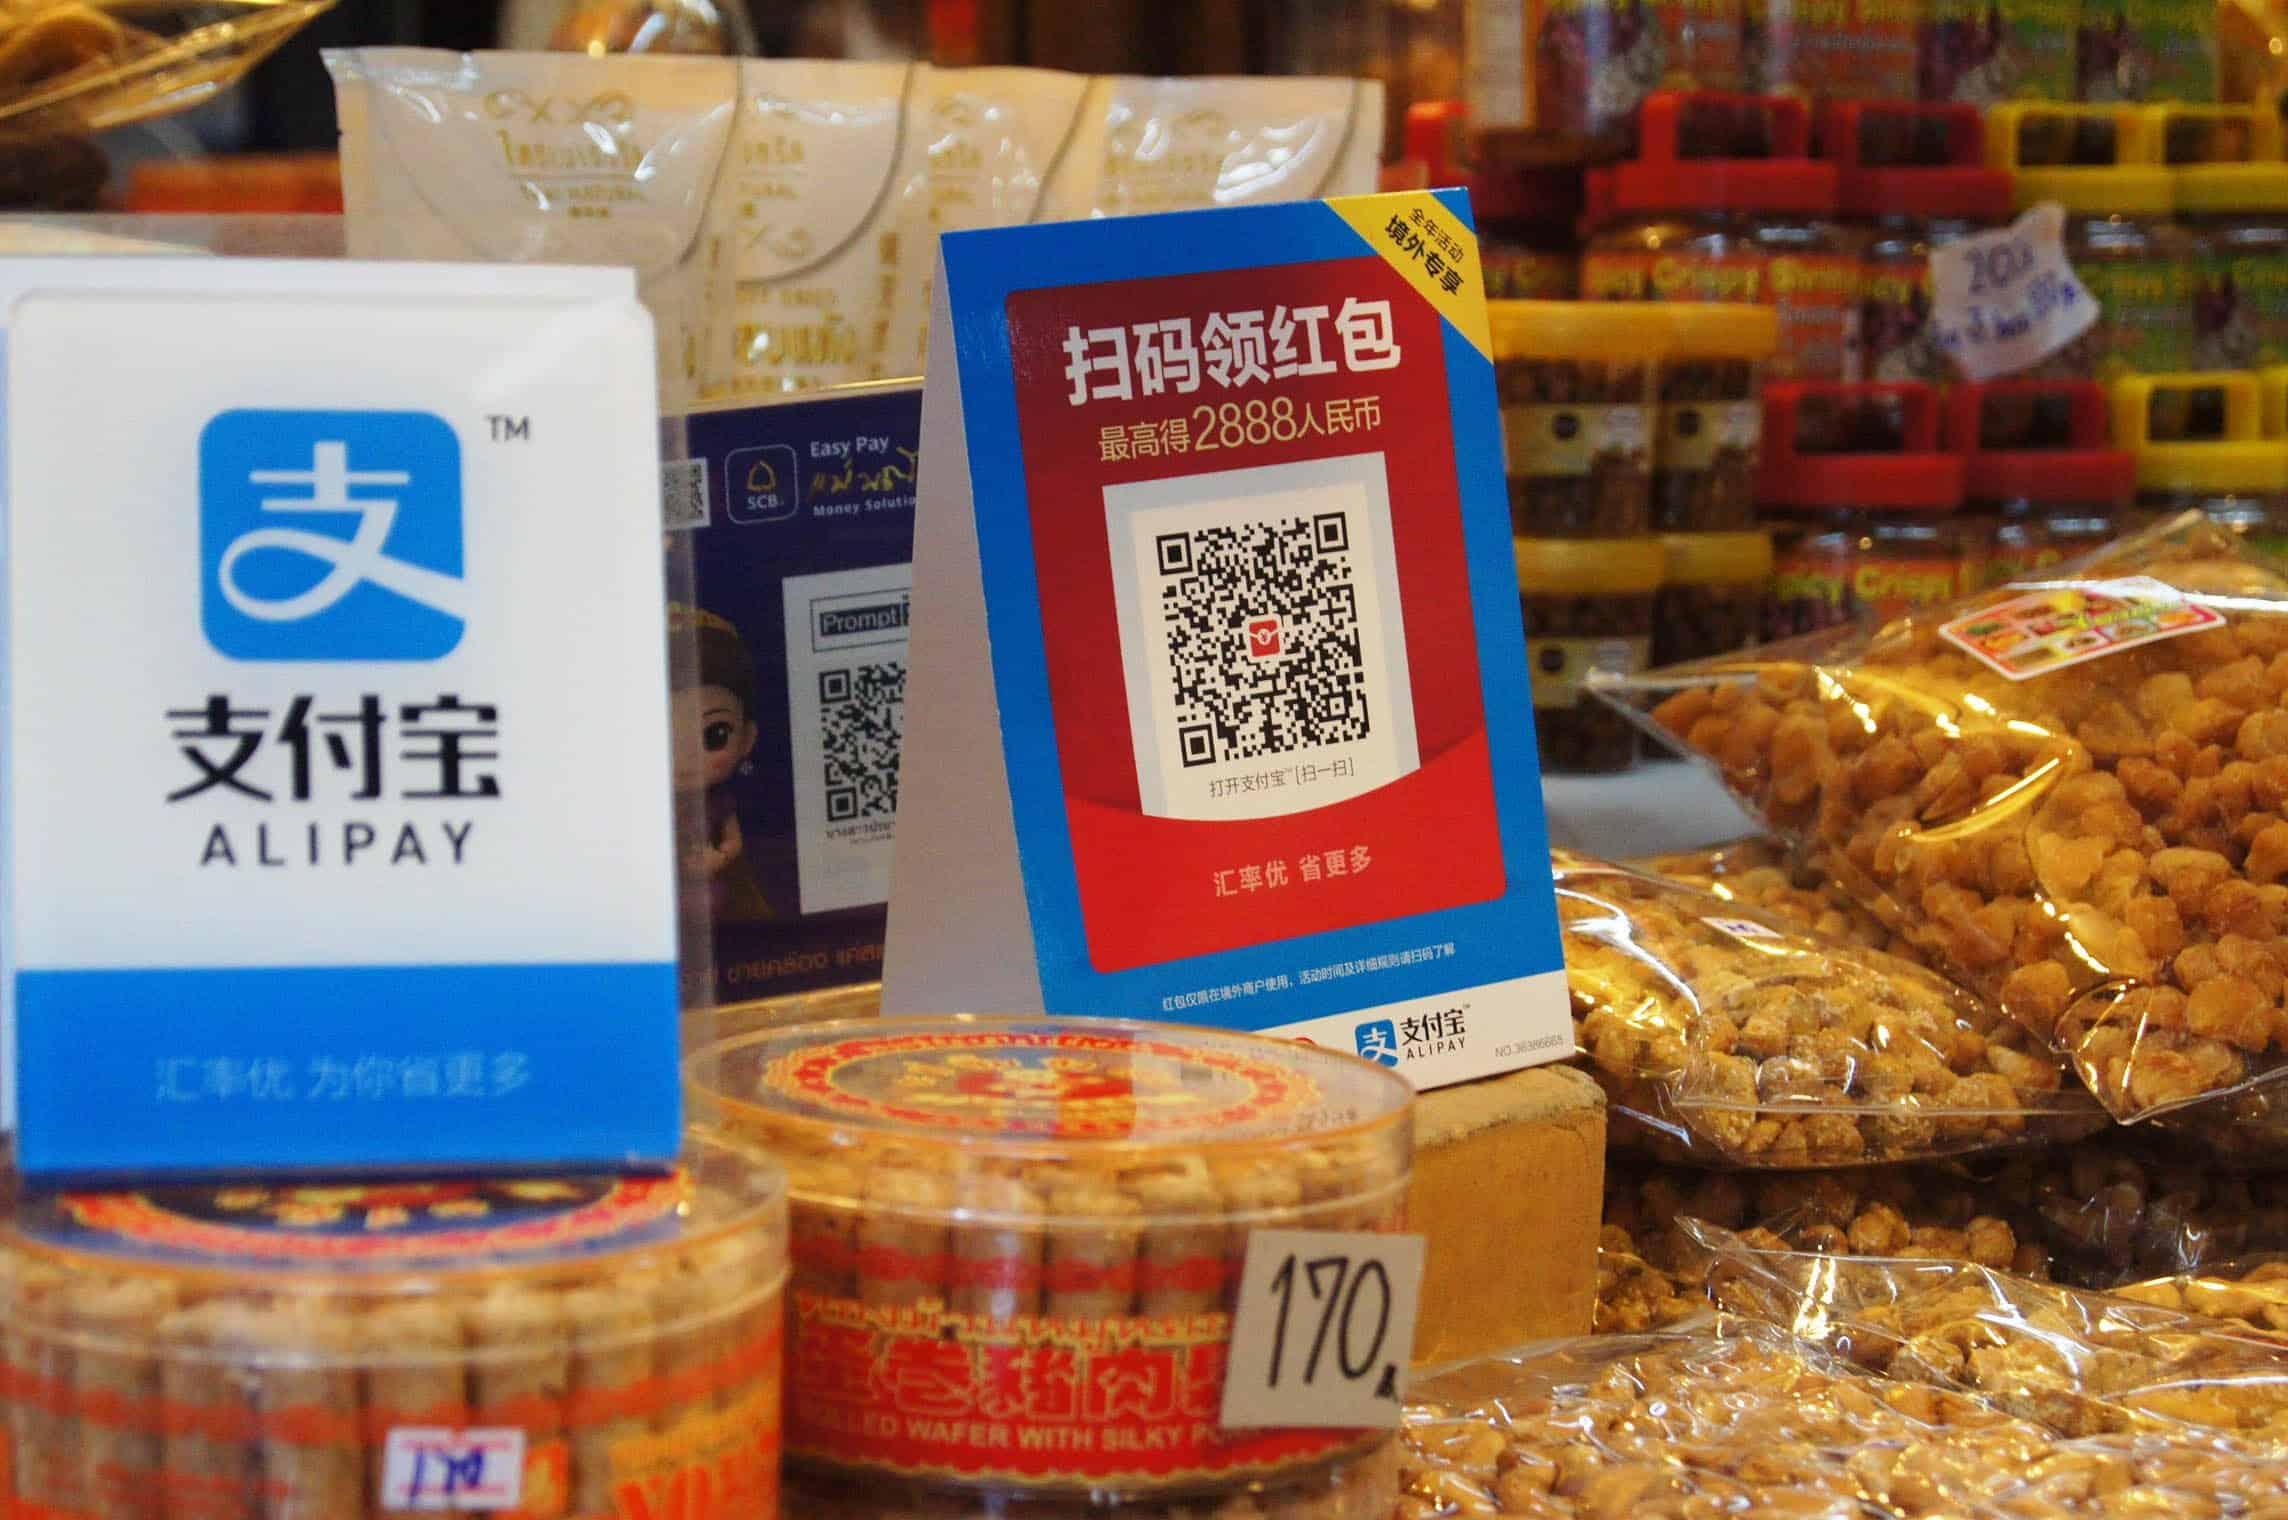 Alipay 002 - ผู้ค้าเกือบ 60% เห็นว่าทราฟฟิกของลูกค้าที่เดินเข้าร้านและรายได้เพิ่มขึ้น หลังจากเปิดรับชำระเงินผ่านอาลีเพย์